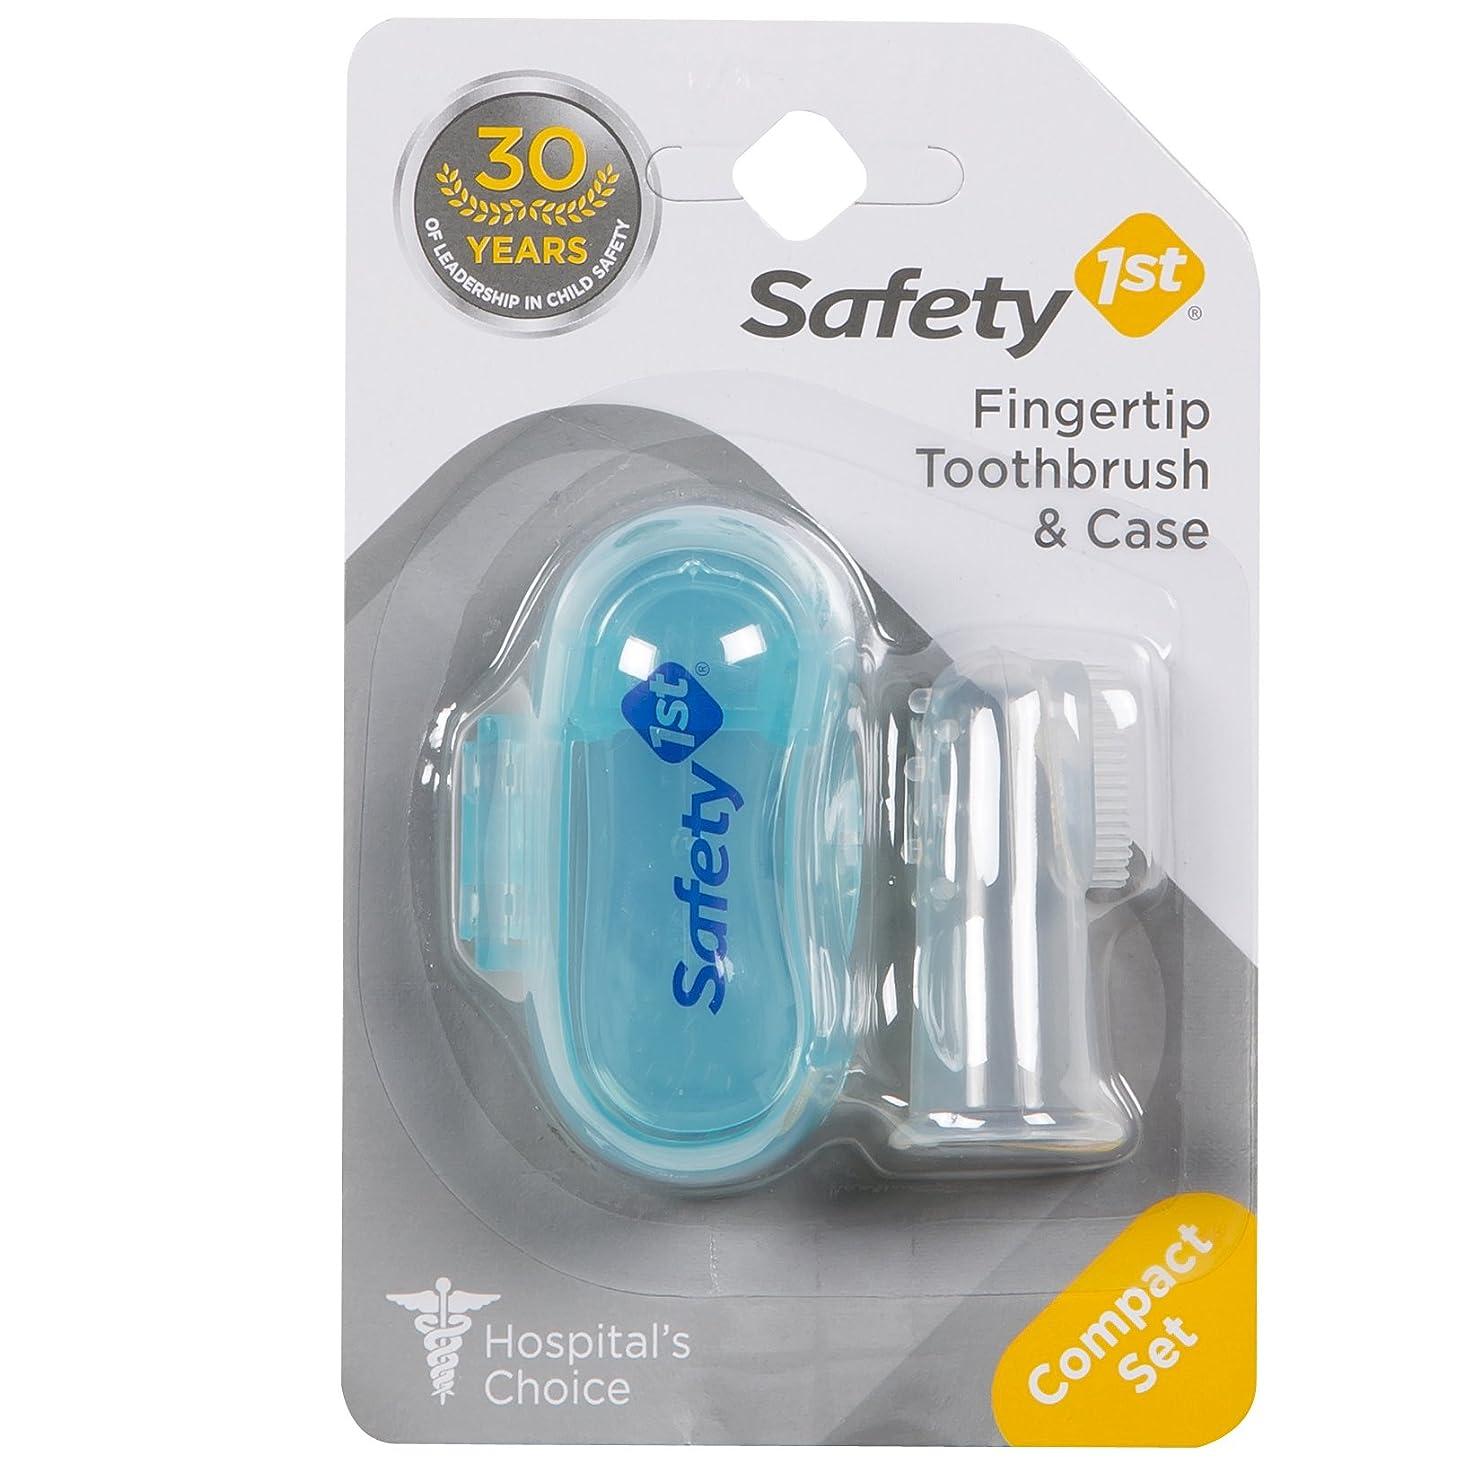 荒廃するピアニスト不良品Safety 1st Fingertip Toothbrush and Case by Safety 1st